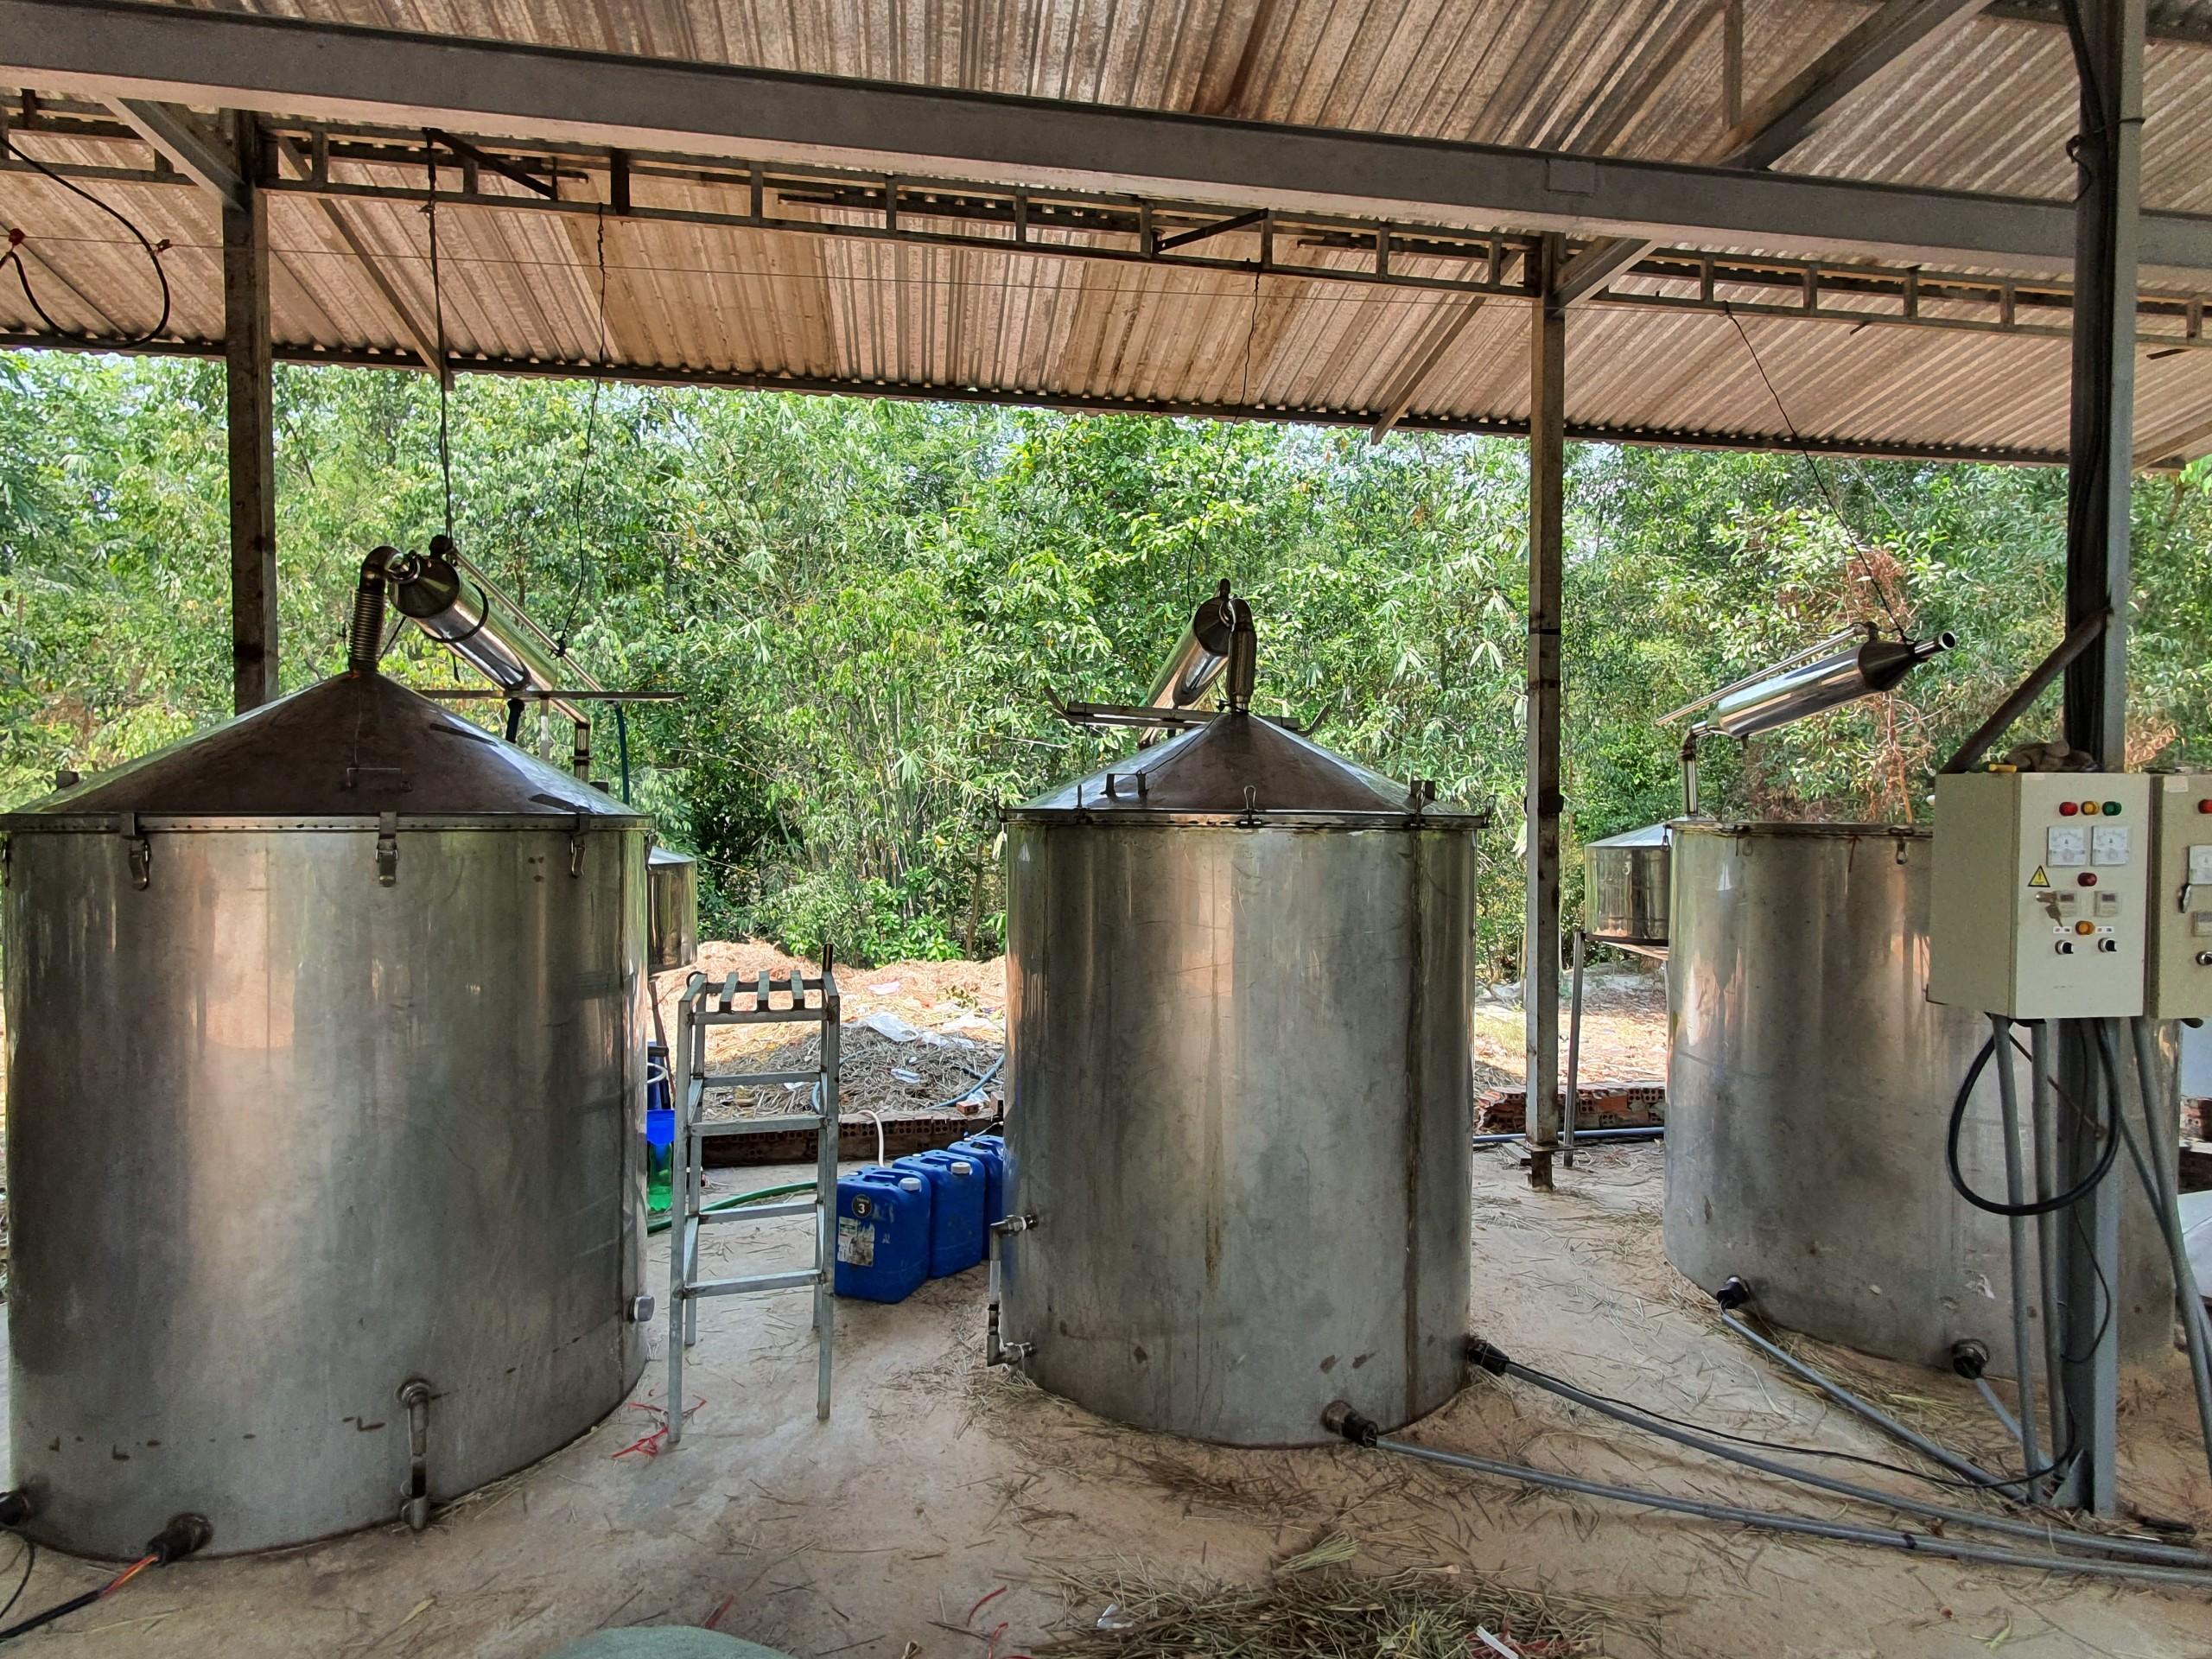 Tinh dầu Ngọc Lan Tây 100ml Mộc Mây - tinh dầu thiên nhiên nguyên chất 100% - chất lượng và mùi hương vượt trội 19